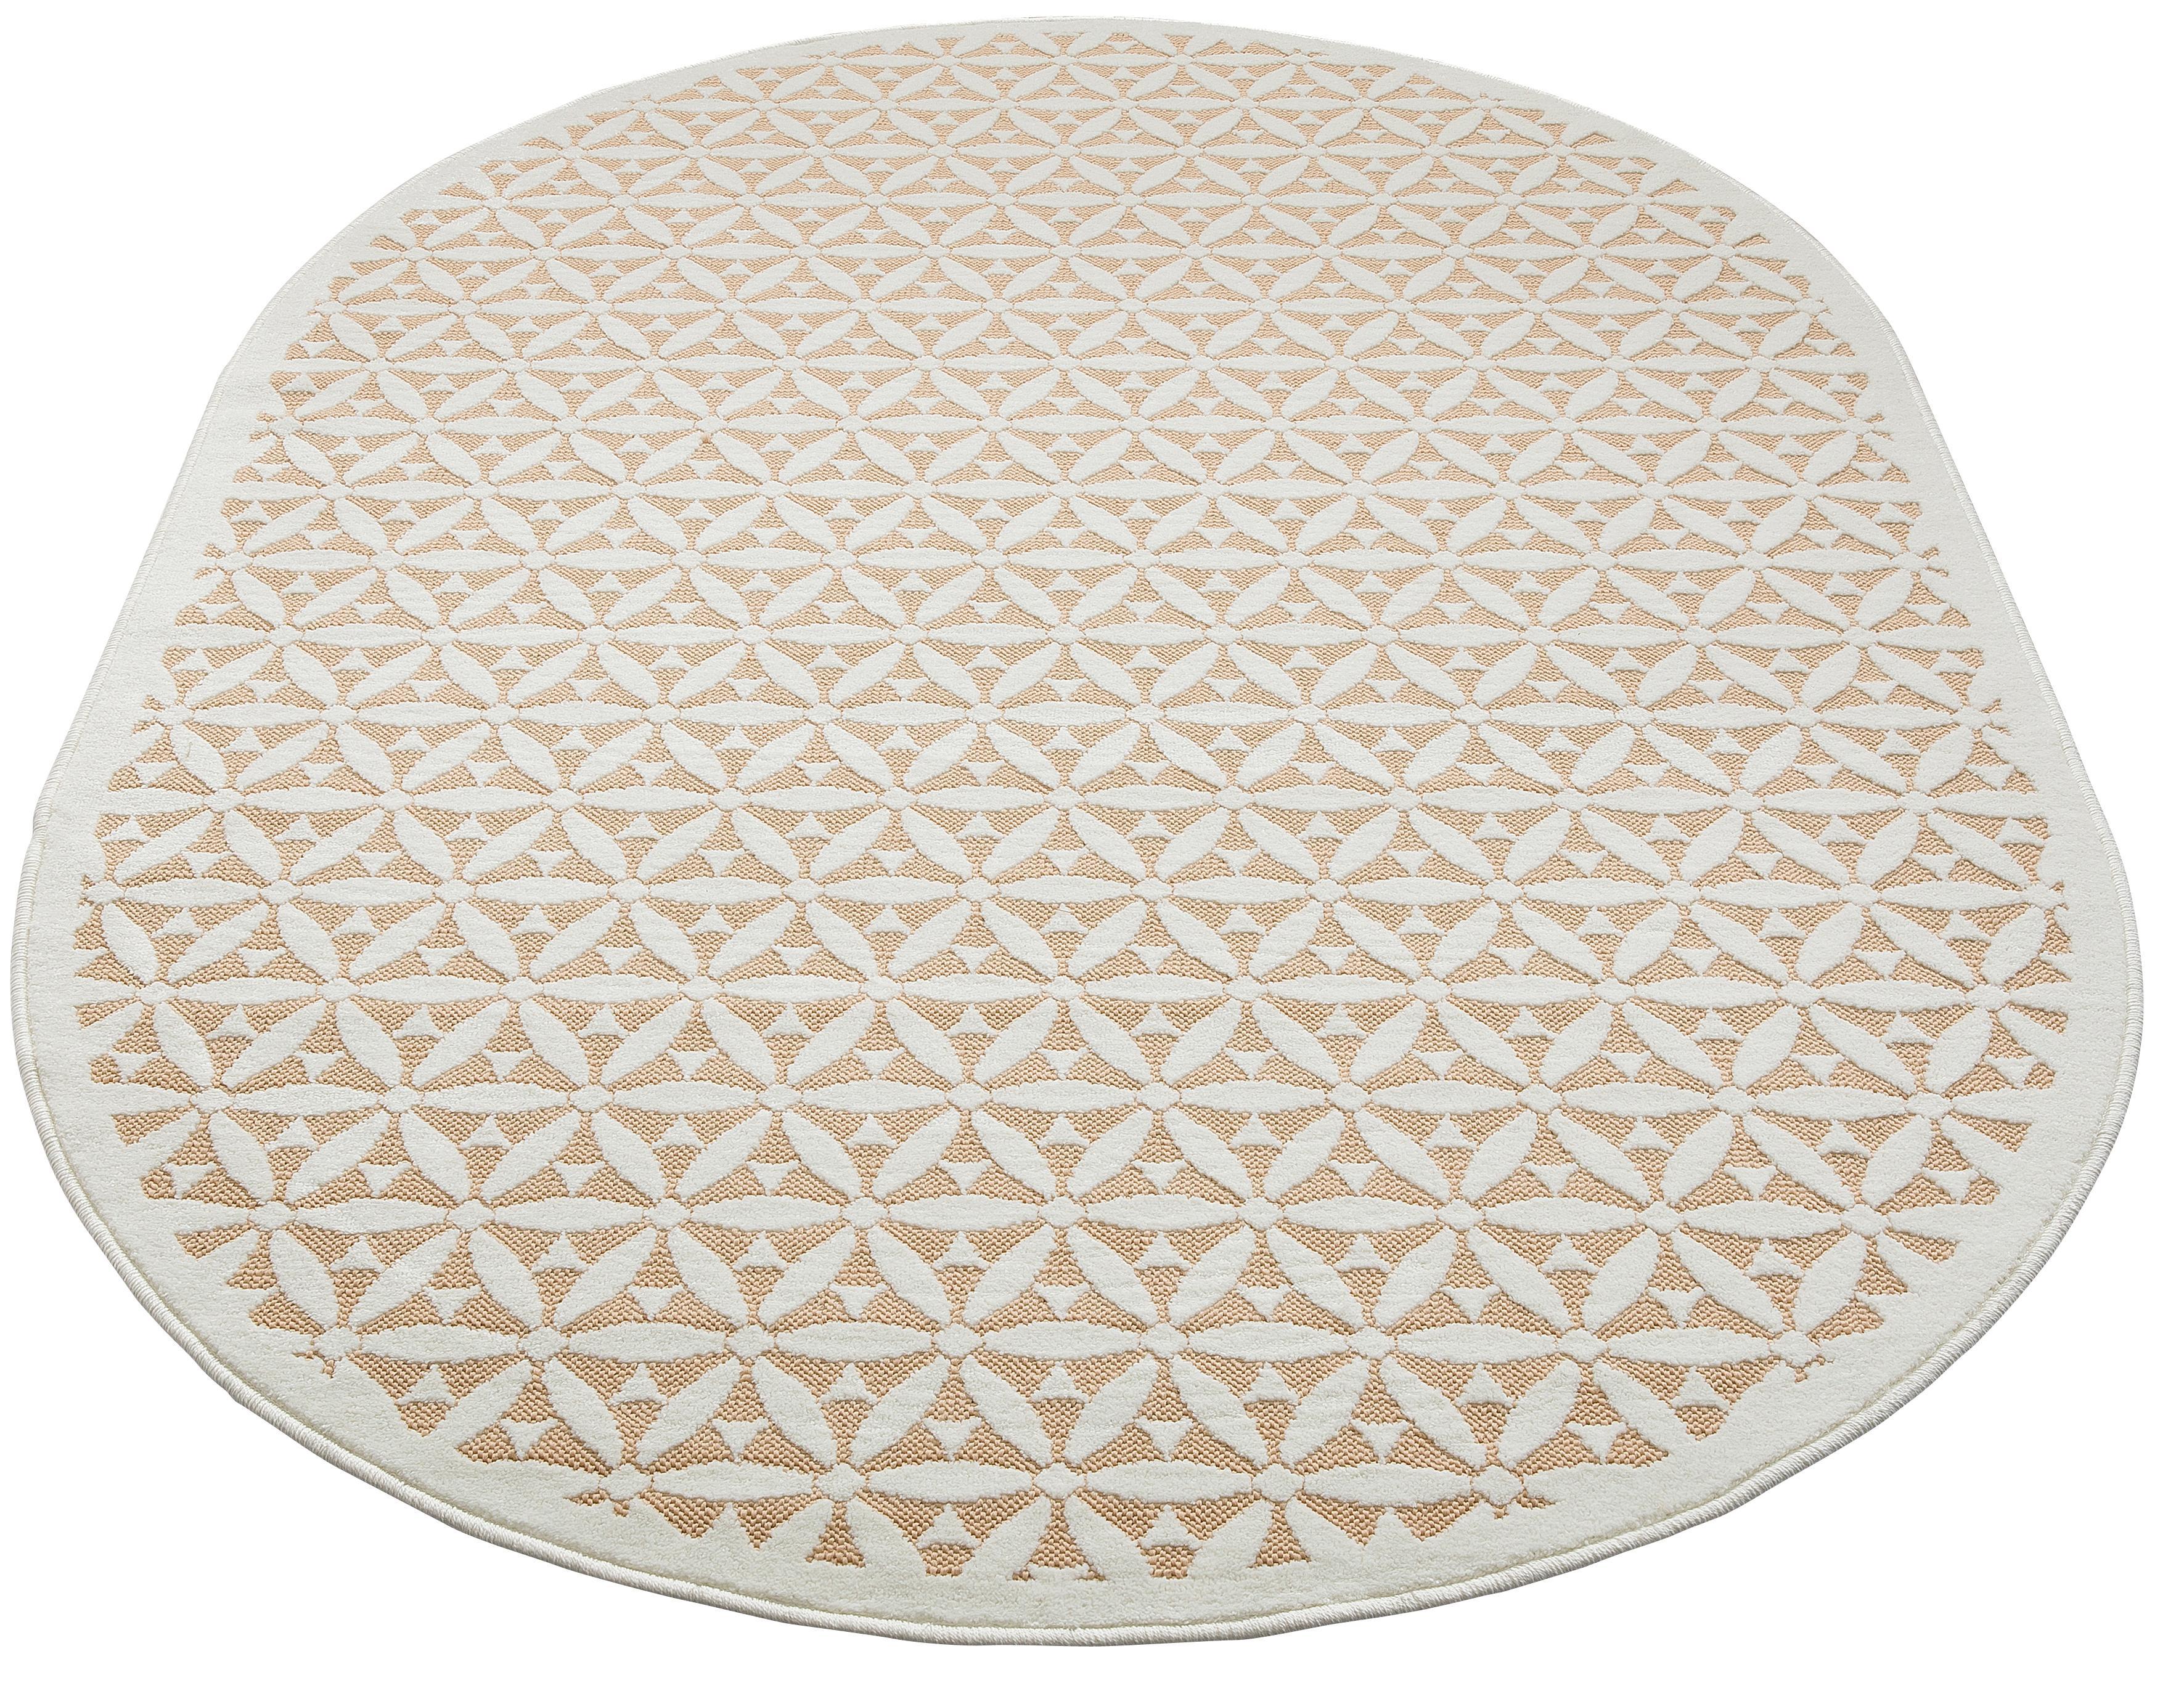 Teppich Idir my home oval Höhe 7 mm maschinell gewebt